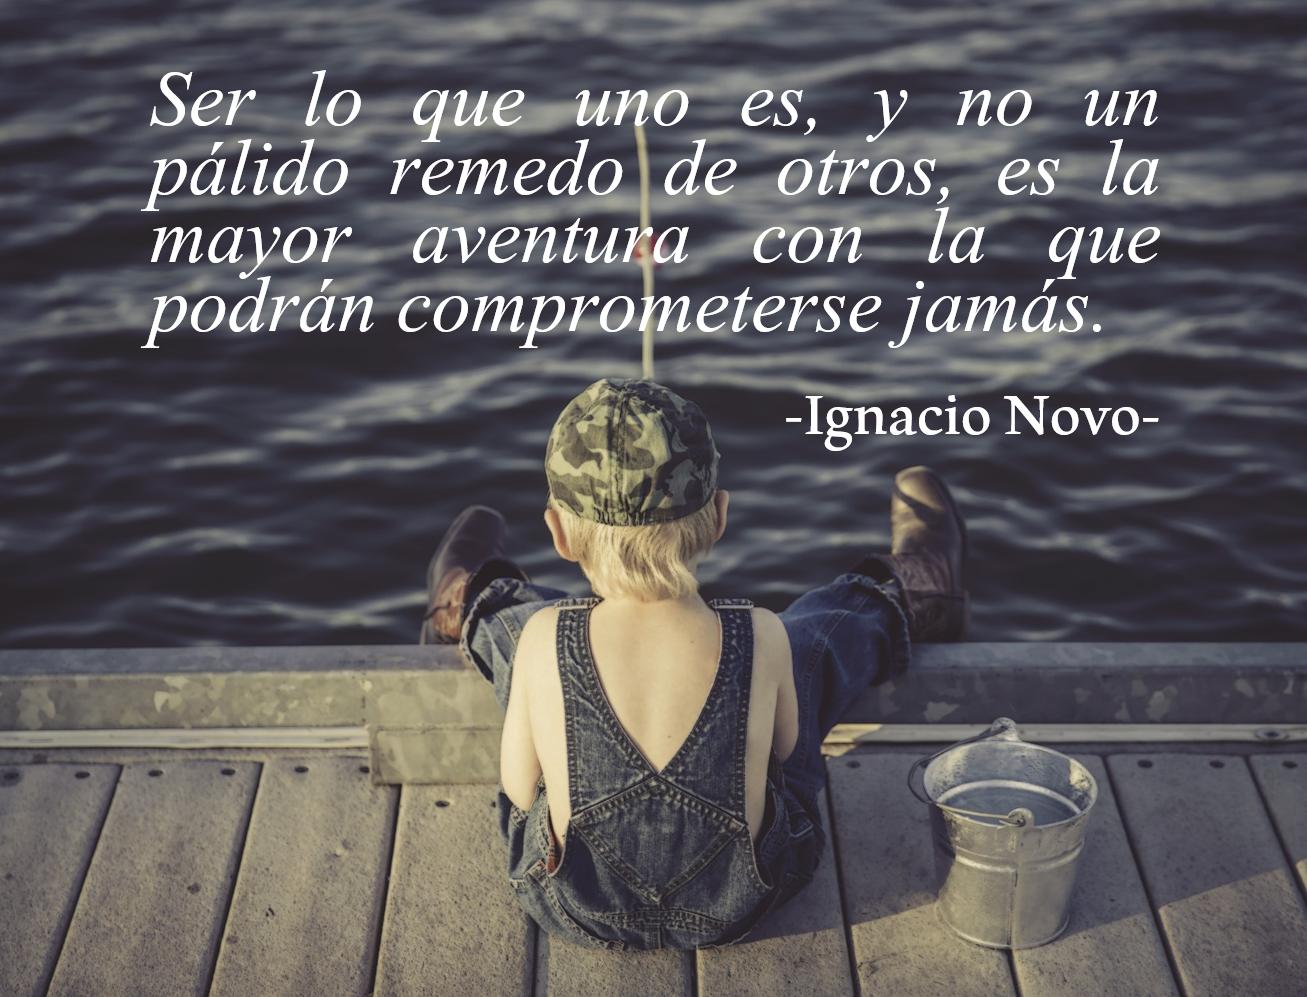 Frases Para El Amor: Lecciones Para Amar: Frase Sobre El Amor Propio -Ignacio Novo